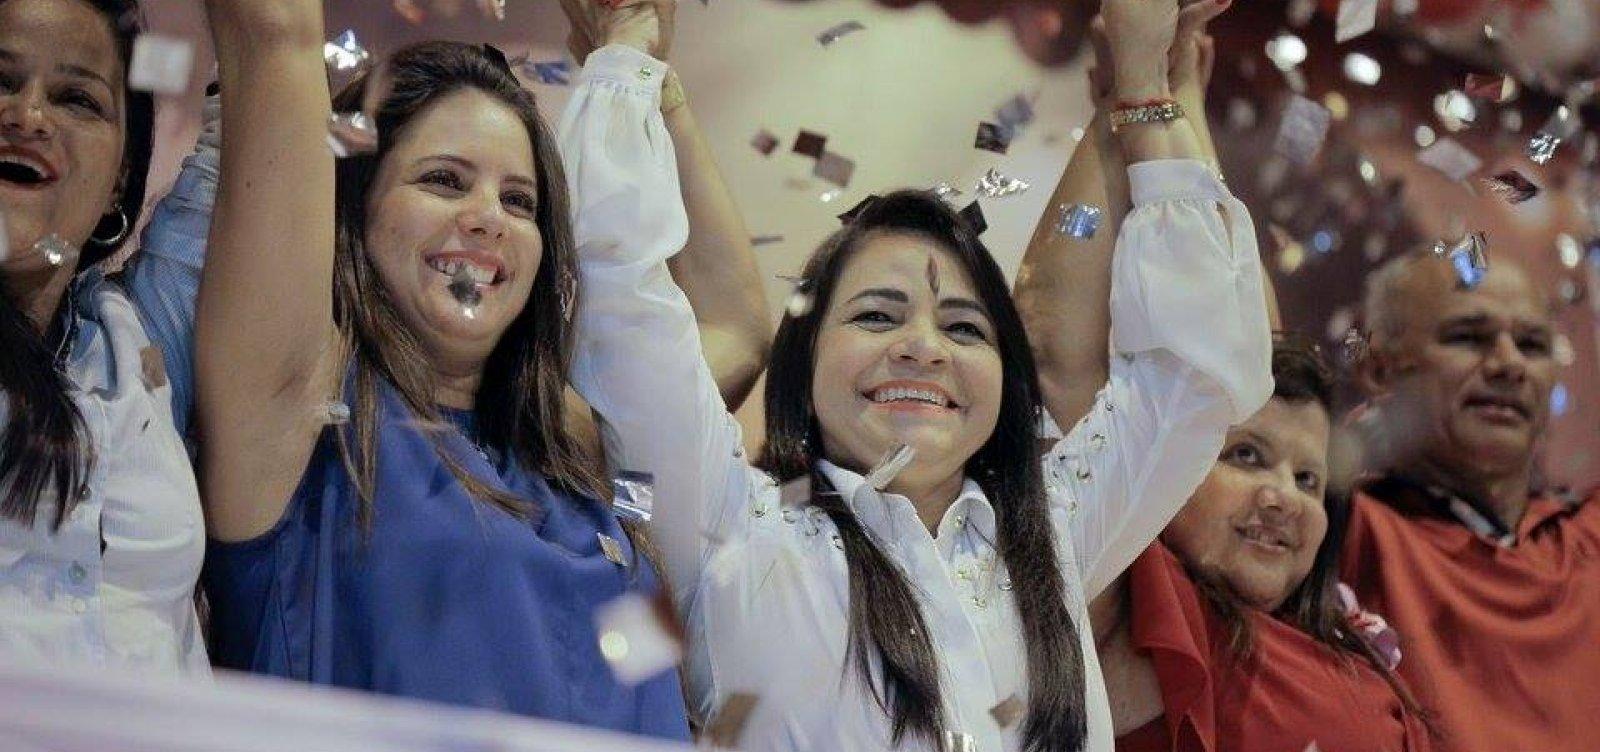 Sequela dos 400 cargos: PSD e PT rompem em Lauro de Freitas